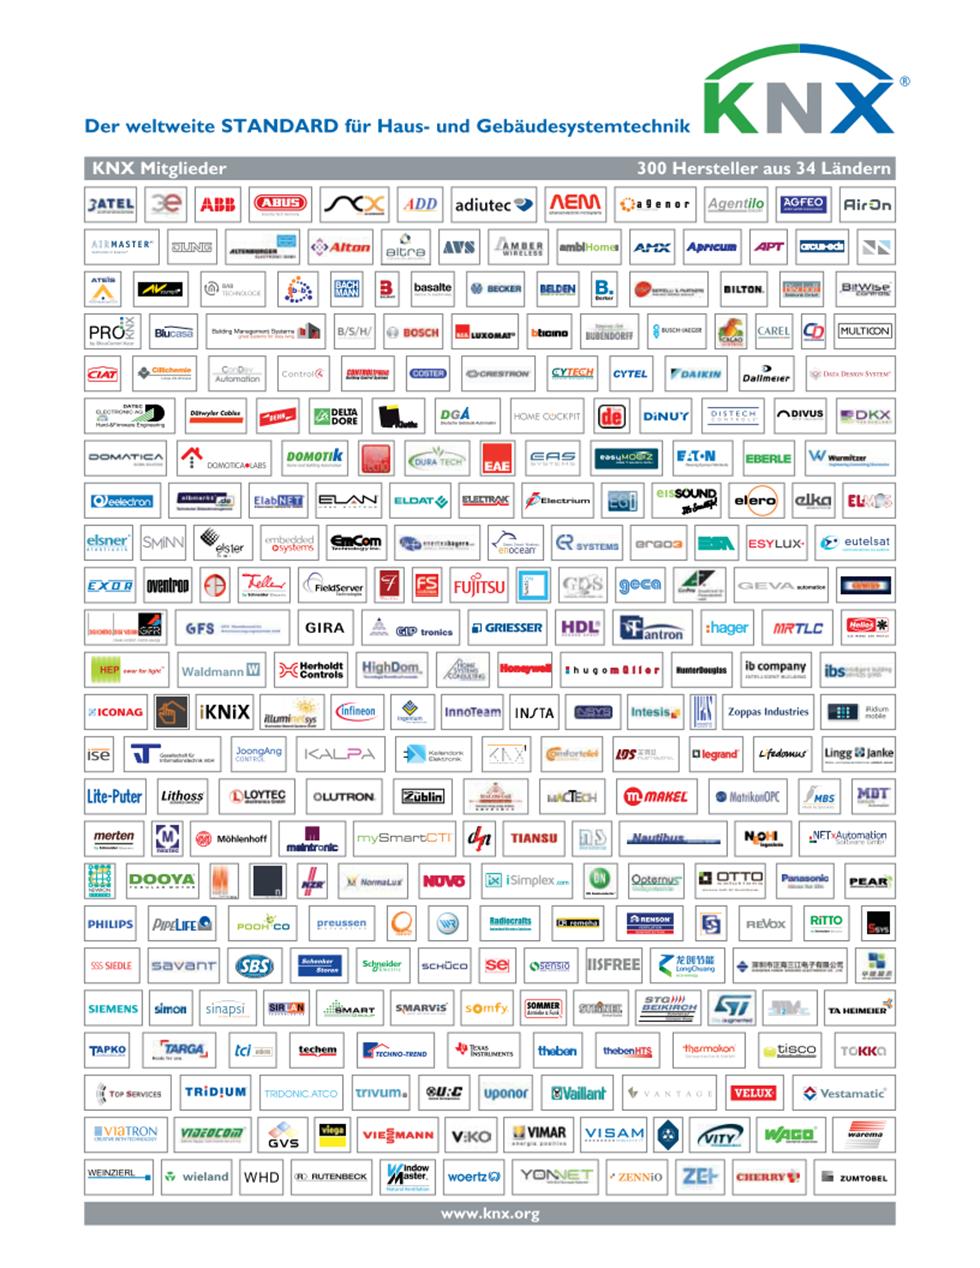 KNX Mitglieder . . . 300 Hersteller ... 34 Ländern